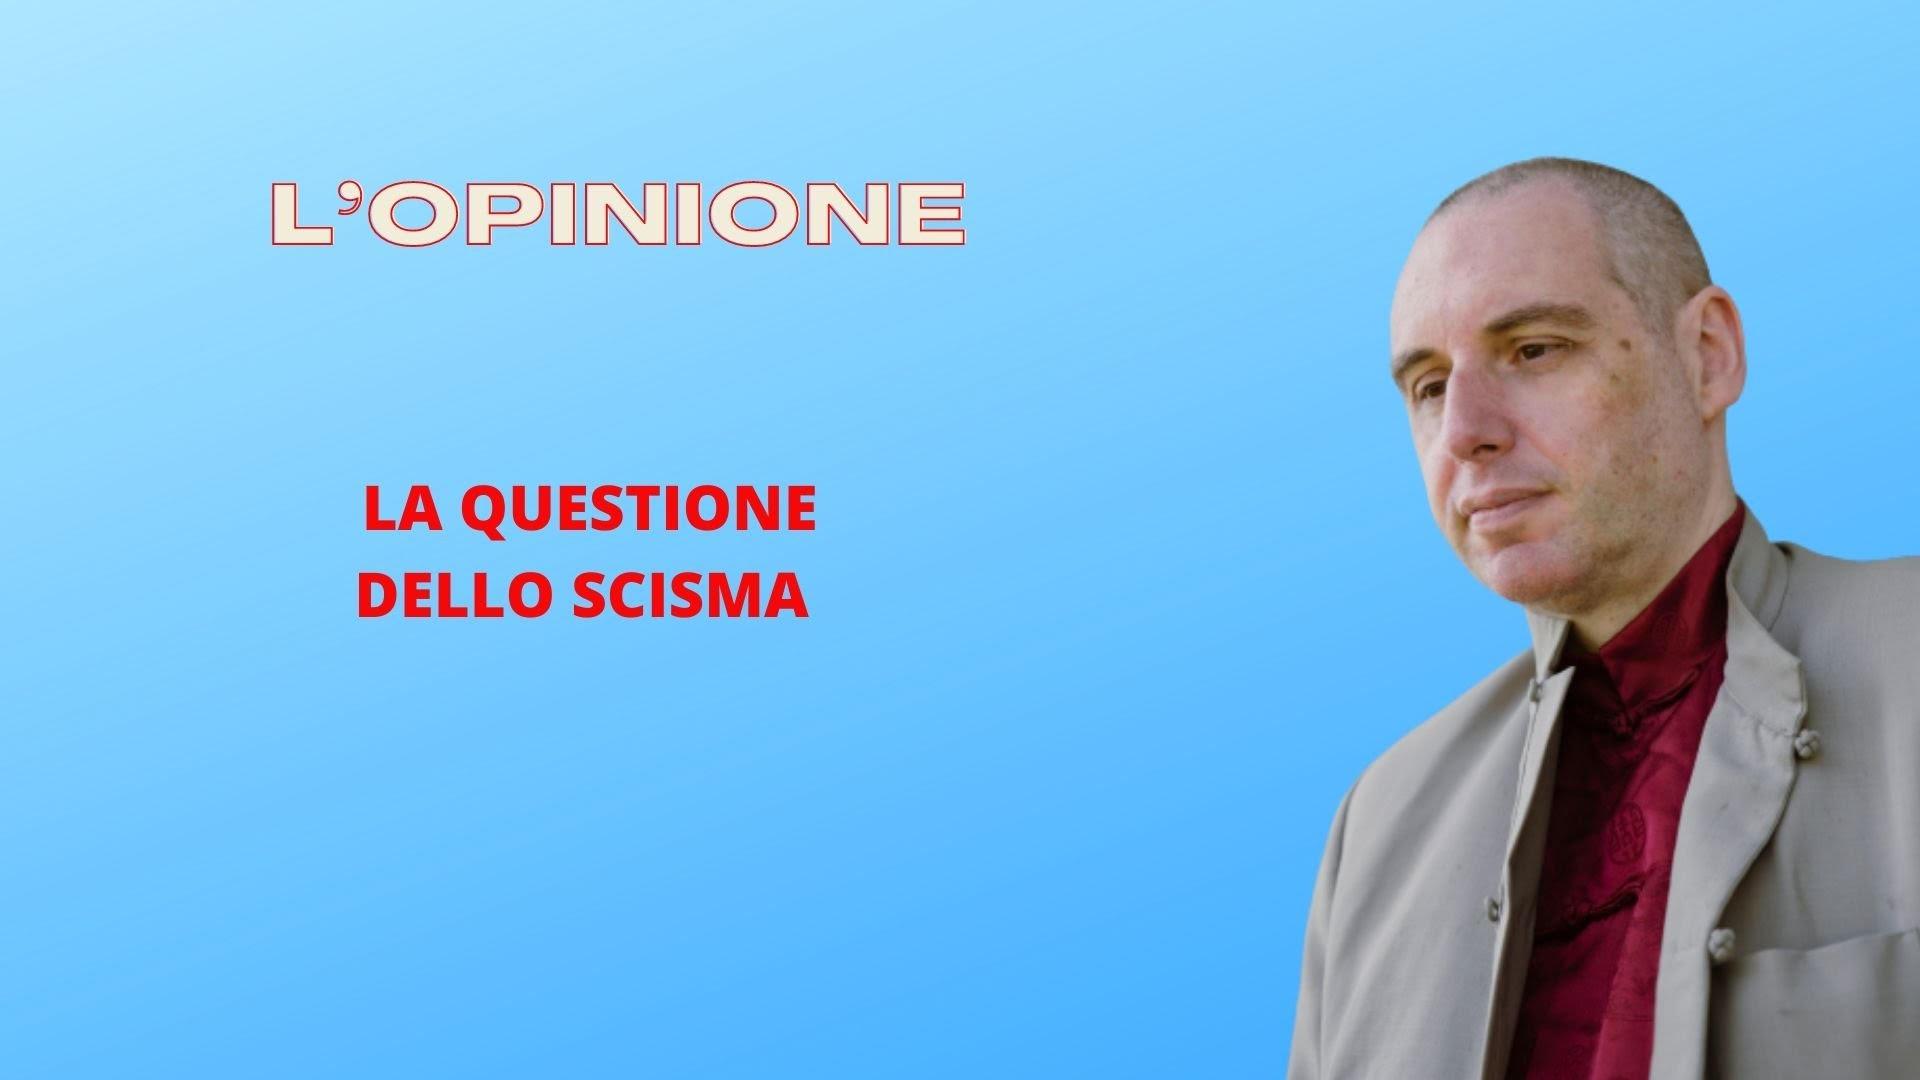 L'Opinione di Aurelio Porfiri sullo Scisma Prossimo Venturo (Forse…).